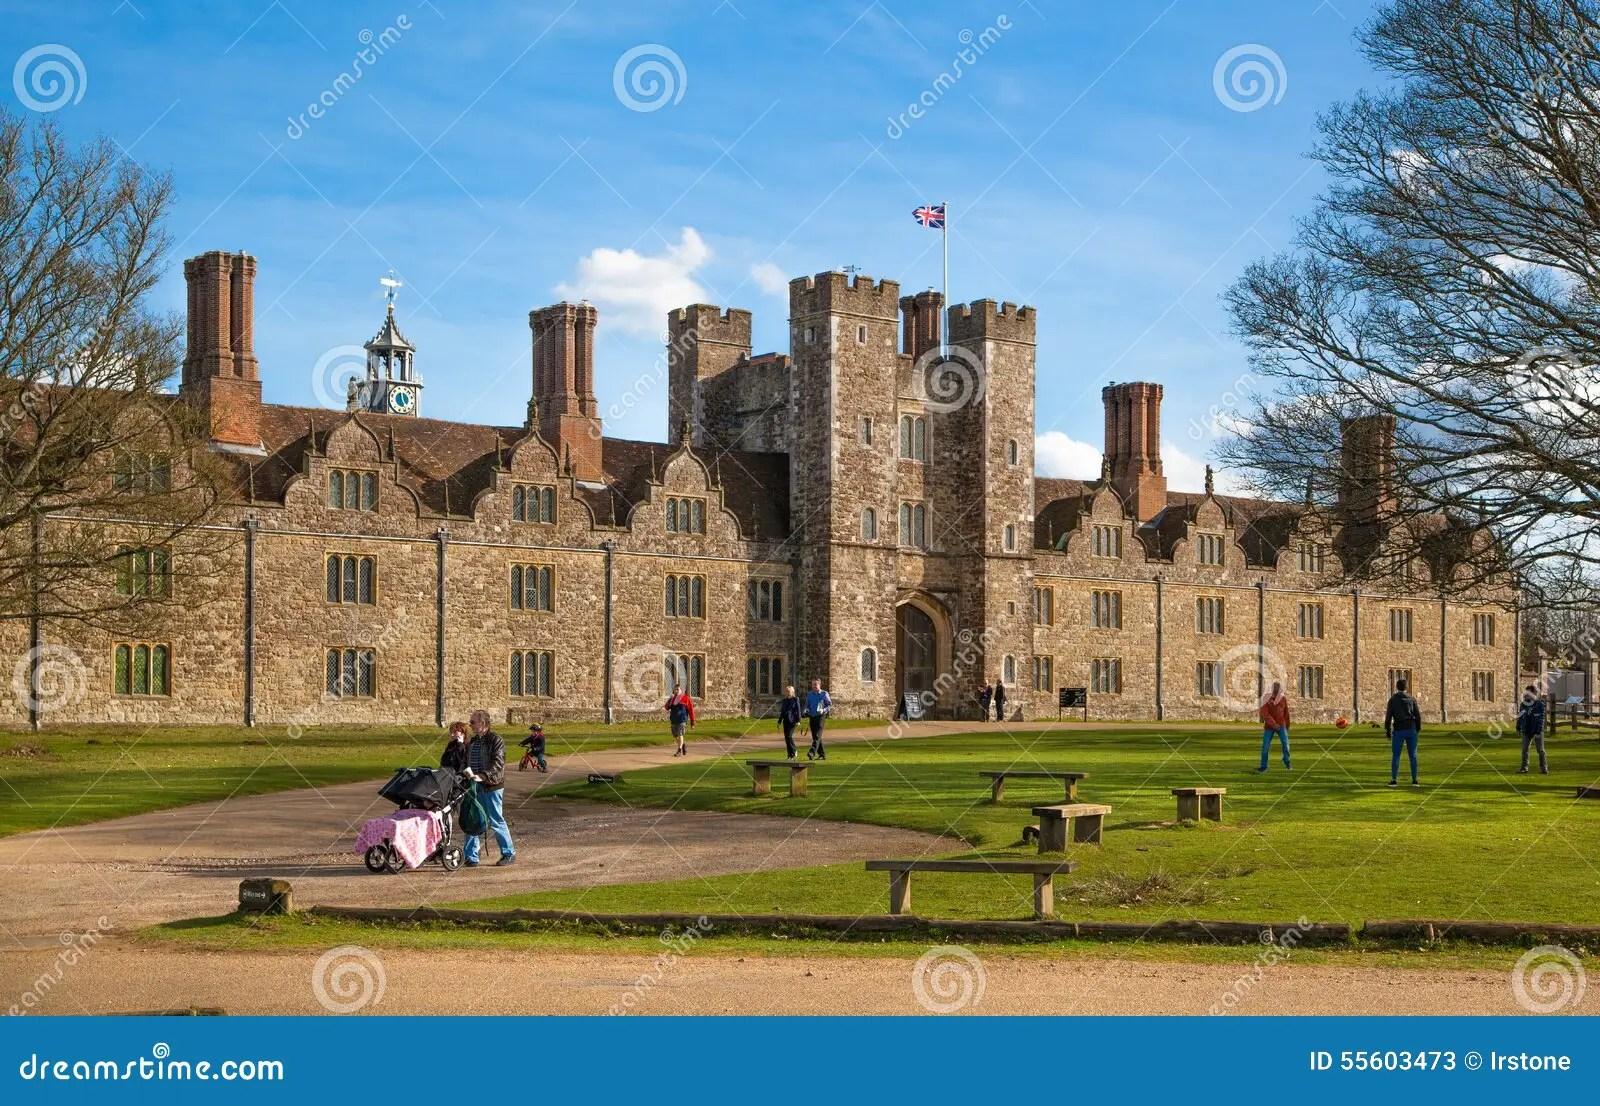 vieux xveme siecle anglais de manoir de sevenoaks maison anglaise classique de cote de pays le r u photo stock editorial image du anglais manoir 55603473